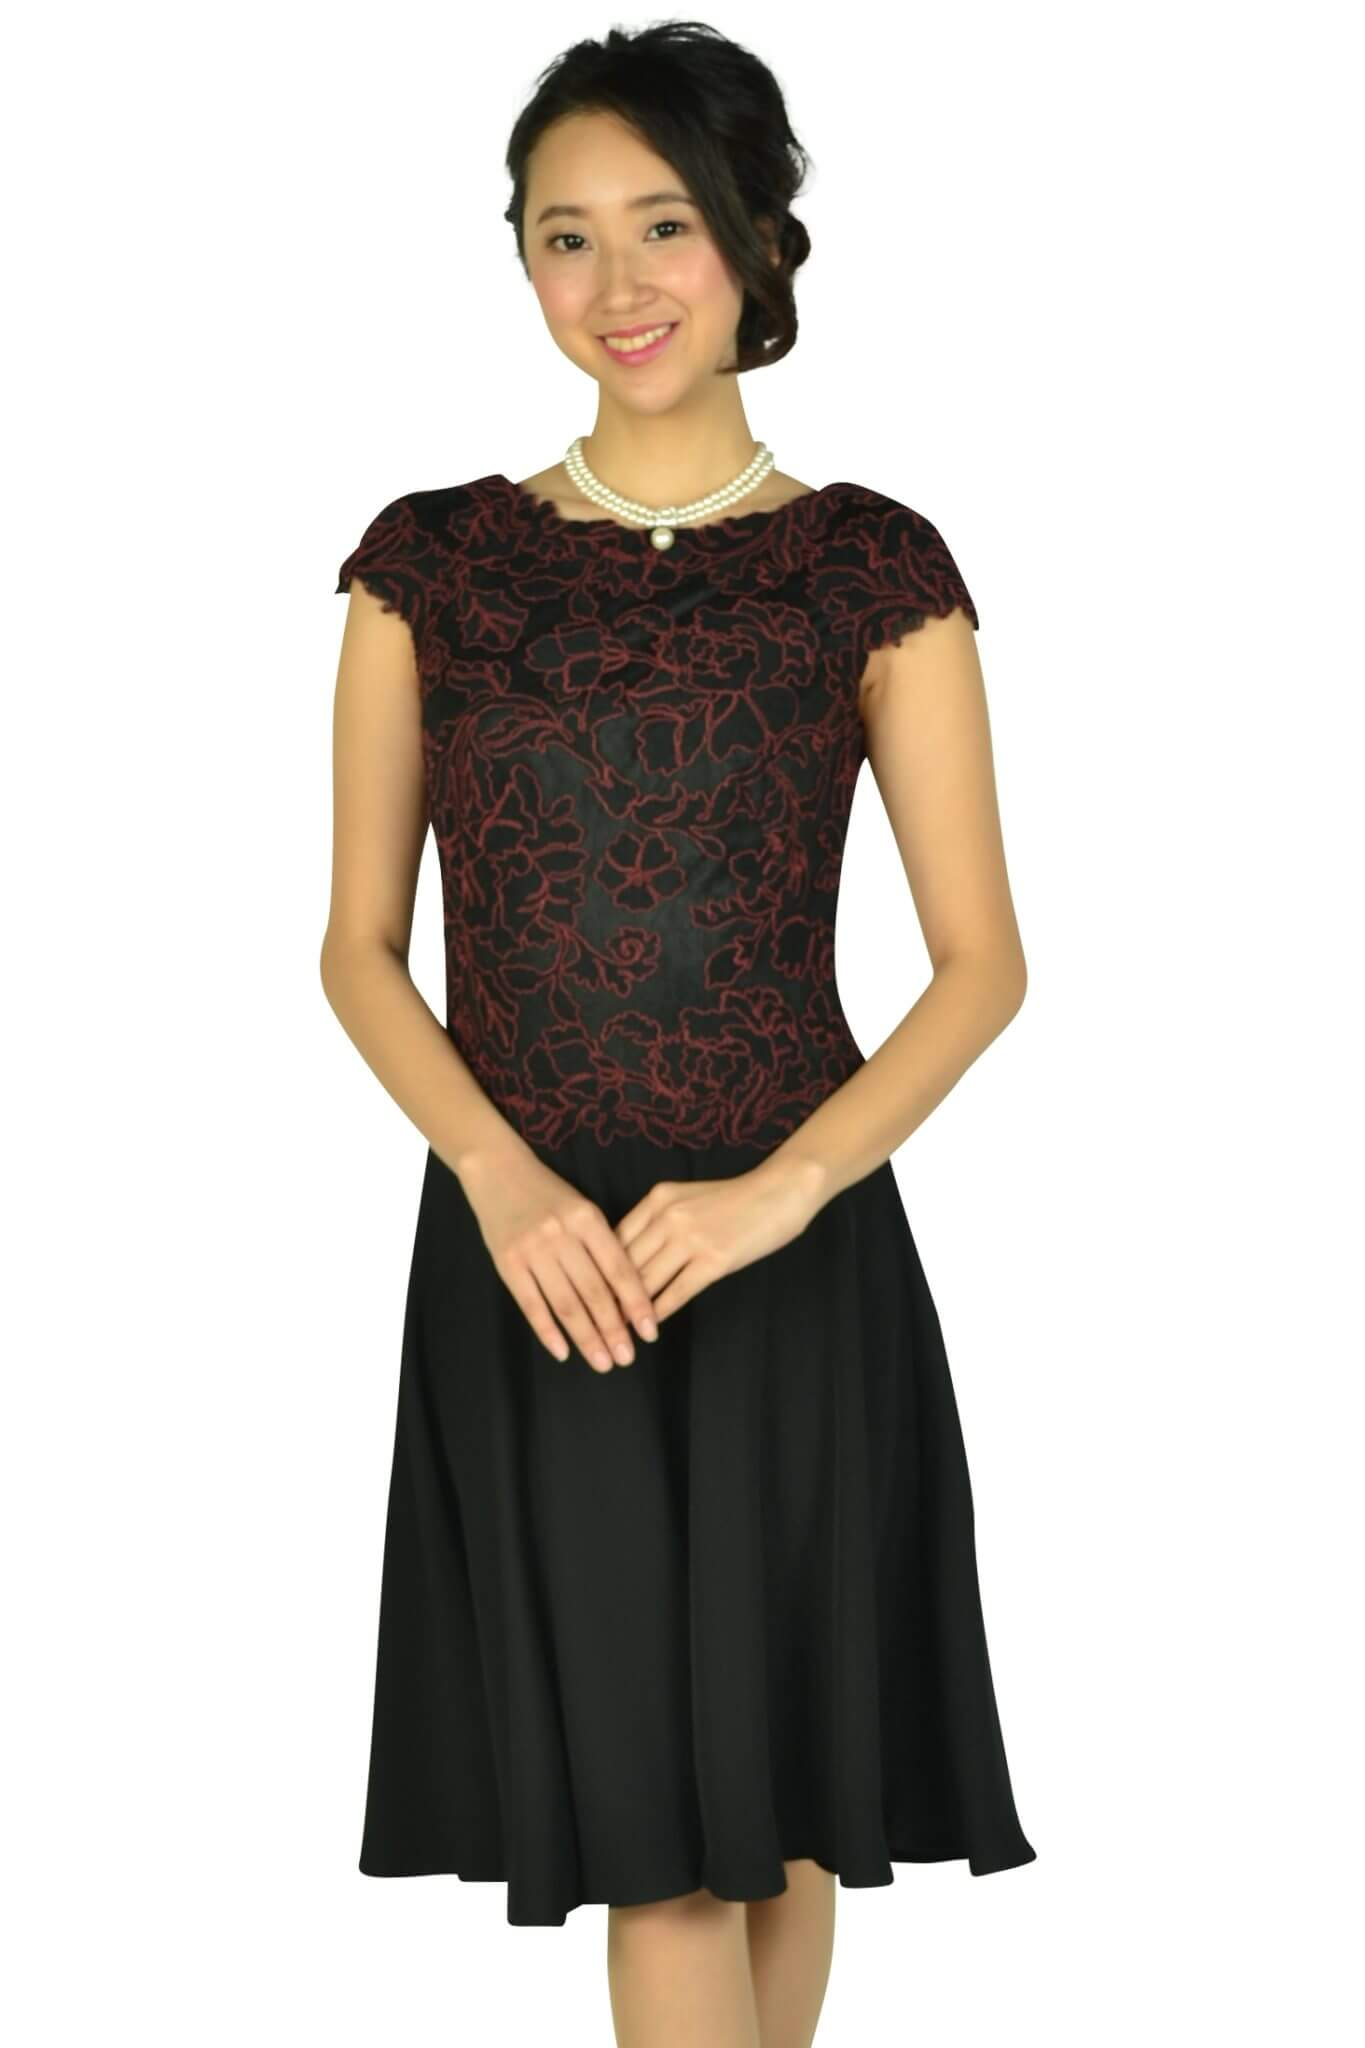 タダシ・ショージ (Tadashi Shoji)ボルドー刺繍ブラックドレス